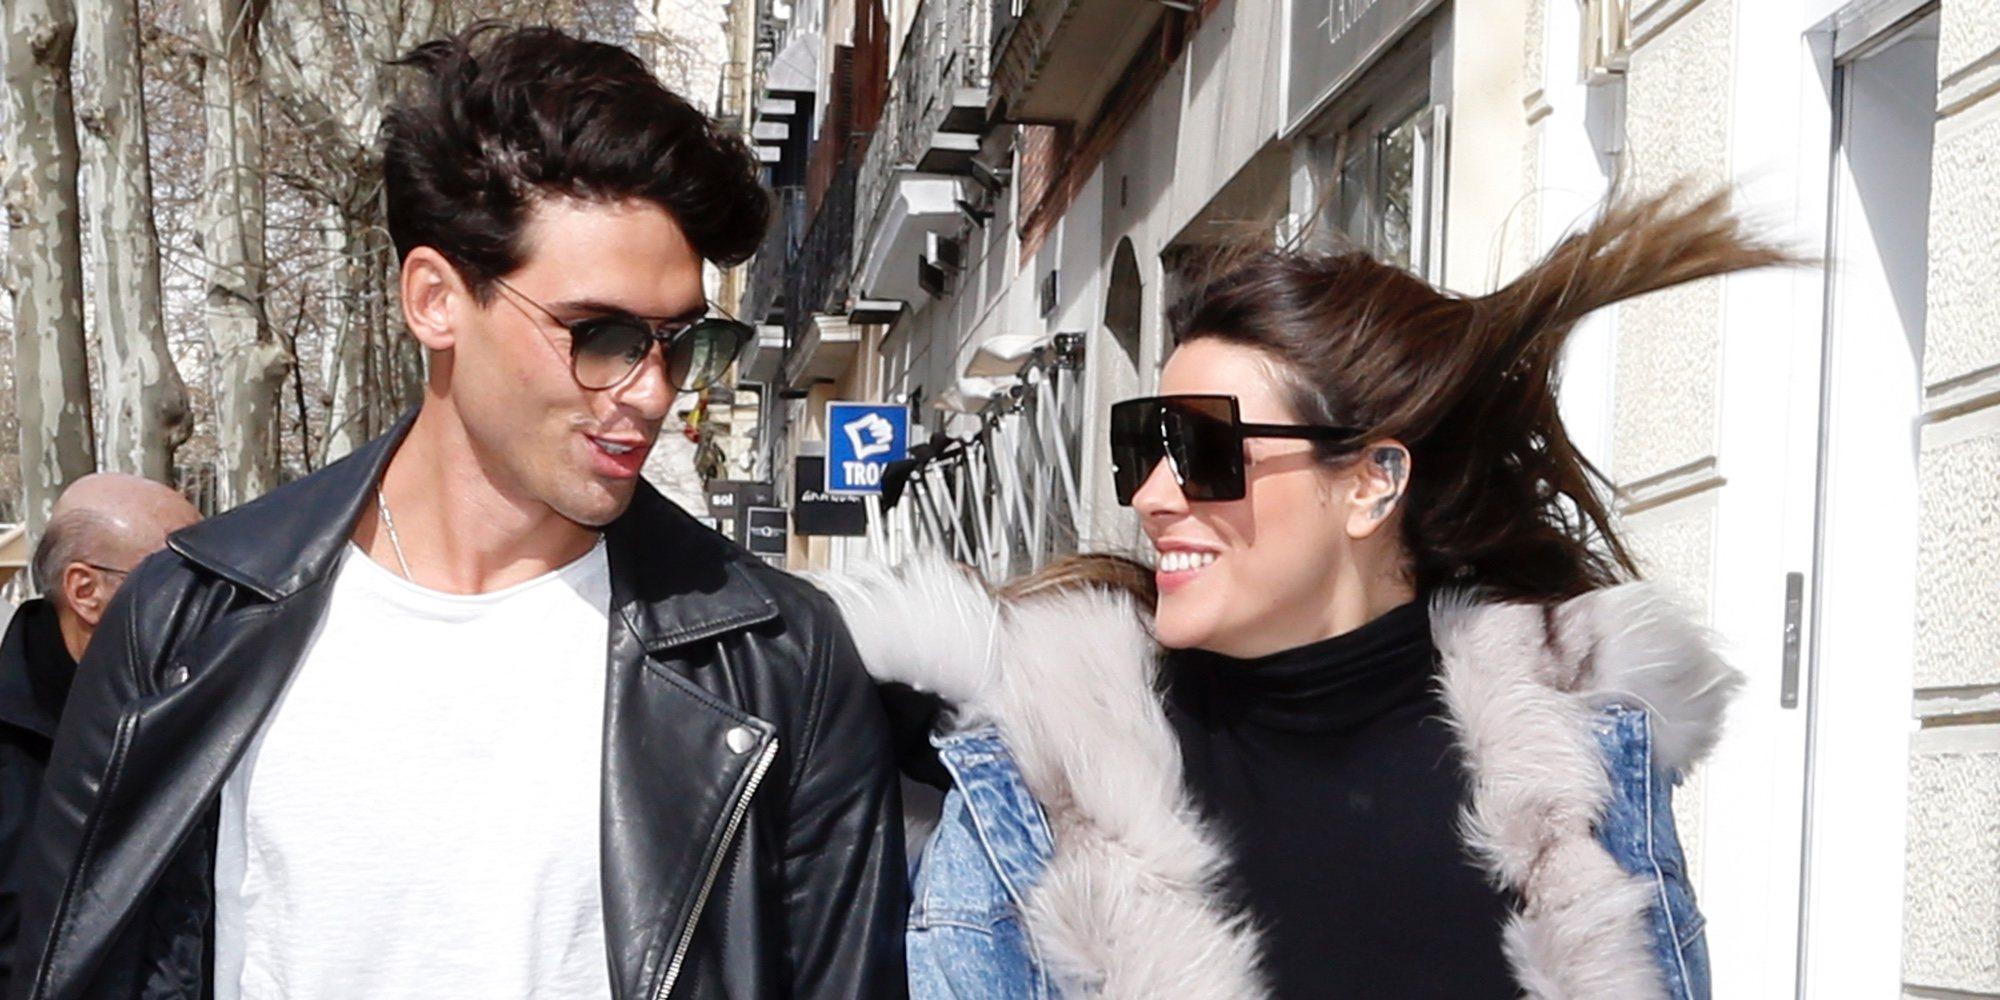 Laura Matamoros y Daniel Illescas pasean su amor con una sonrisa de oreja a oreja